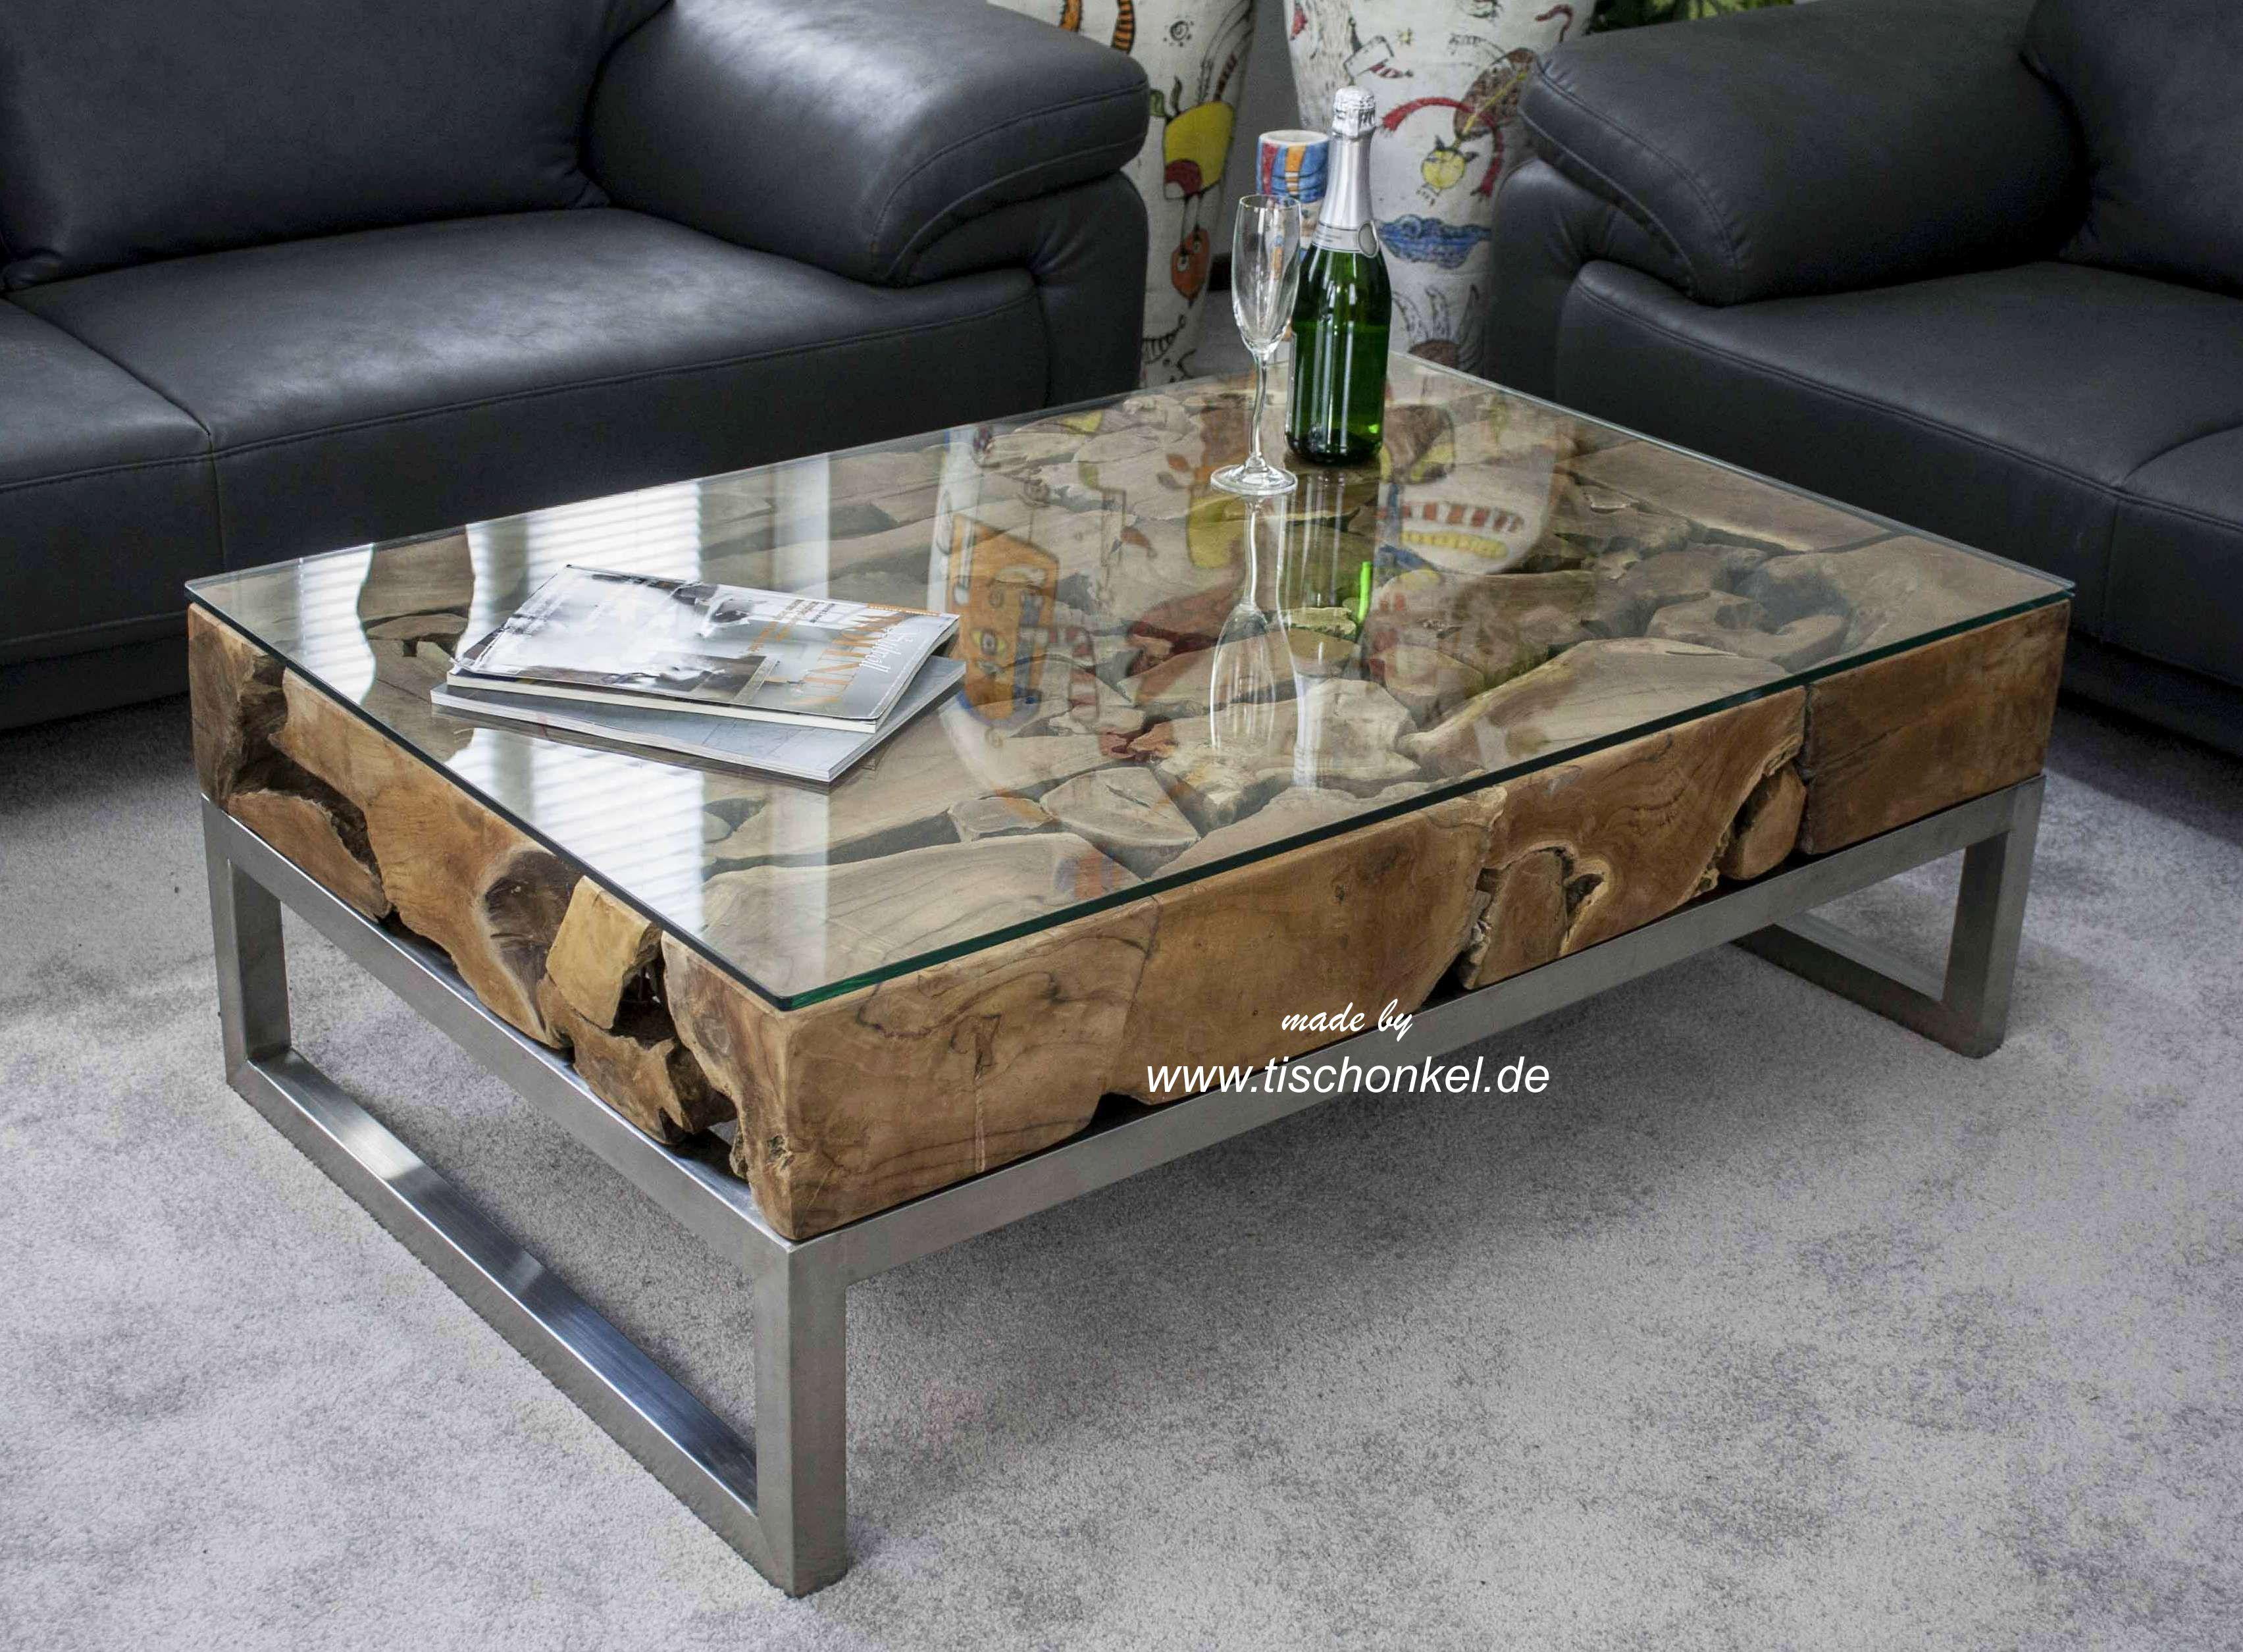 couchtisch aus altholz mit edelstahl und glas der tischonkel. Black Bedroom Furniture Sets. Home Design Ideas